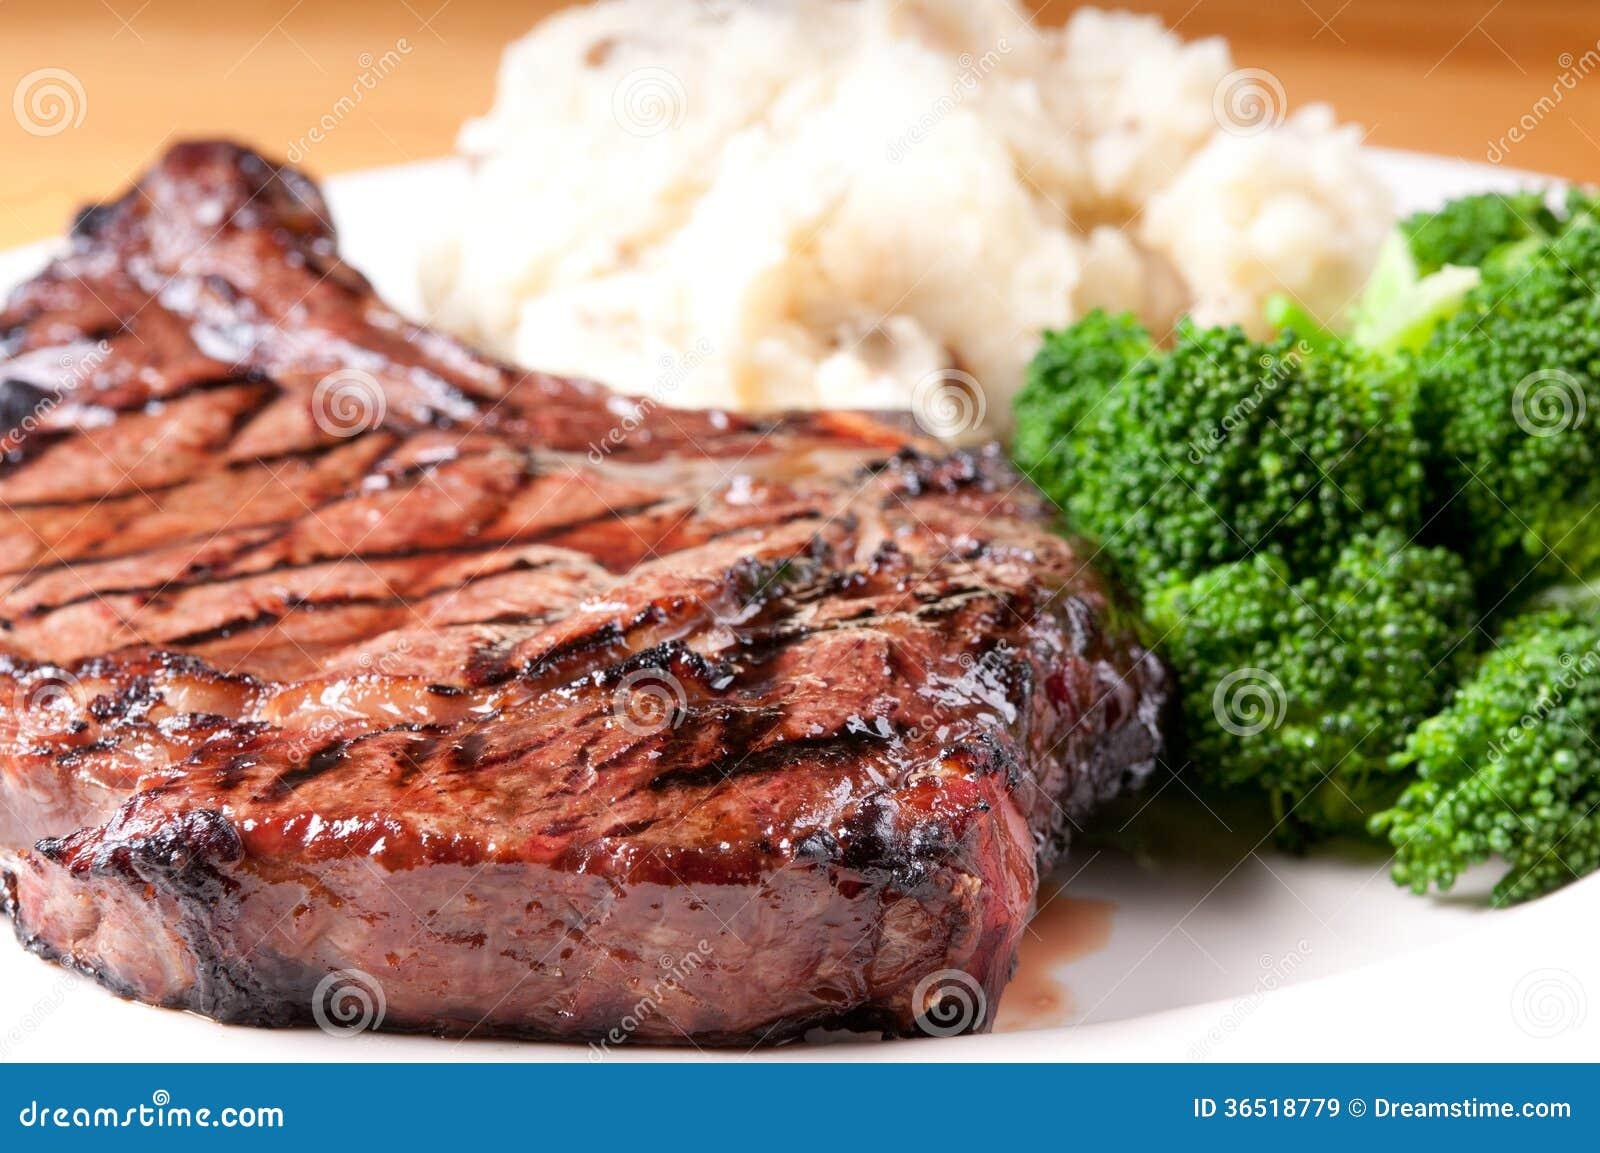 Versehen Sie Steak mit Knoblauch gestampften potatooes und brocolli mit Rippen